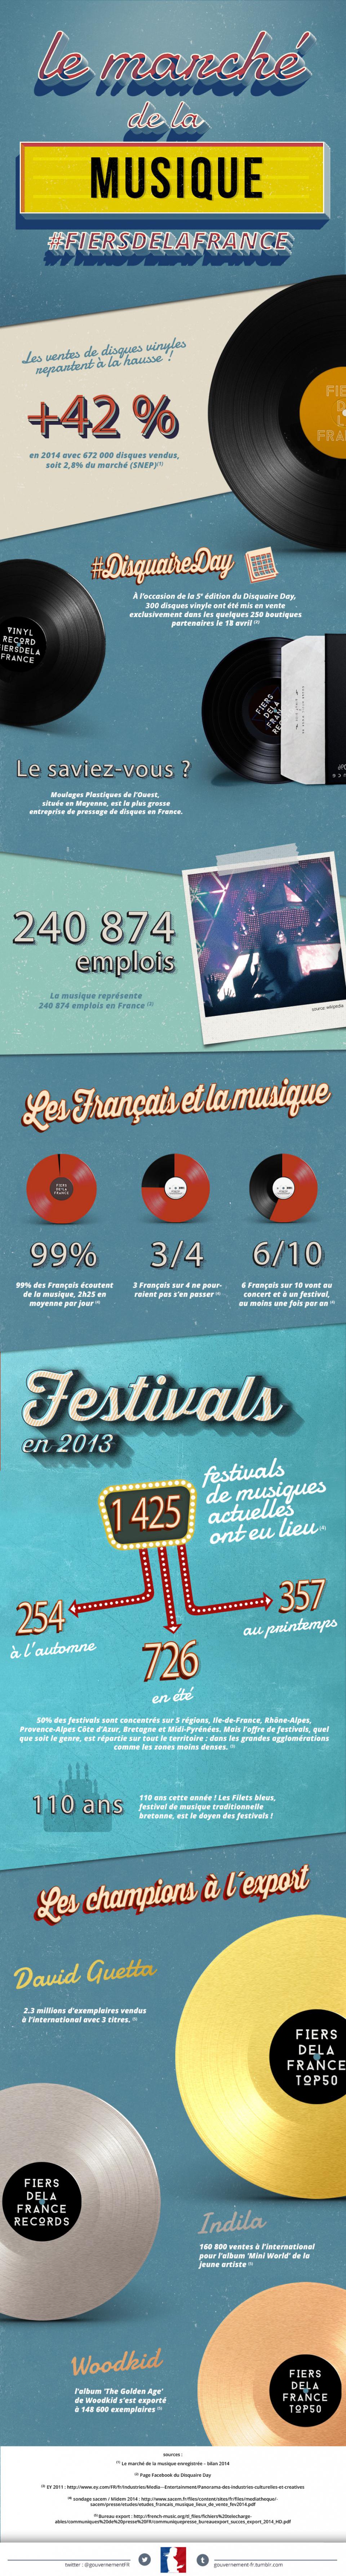 infographie sur les chiffres de la musique en France - voir en plus grand